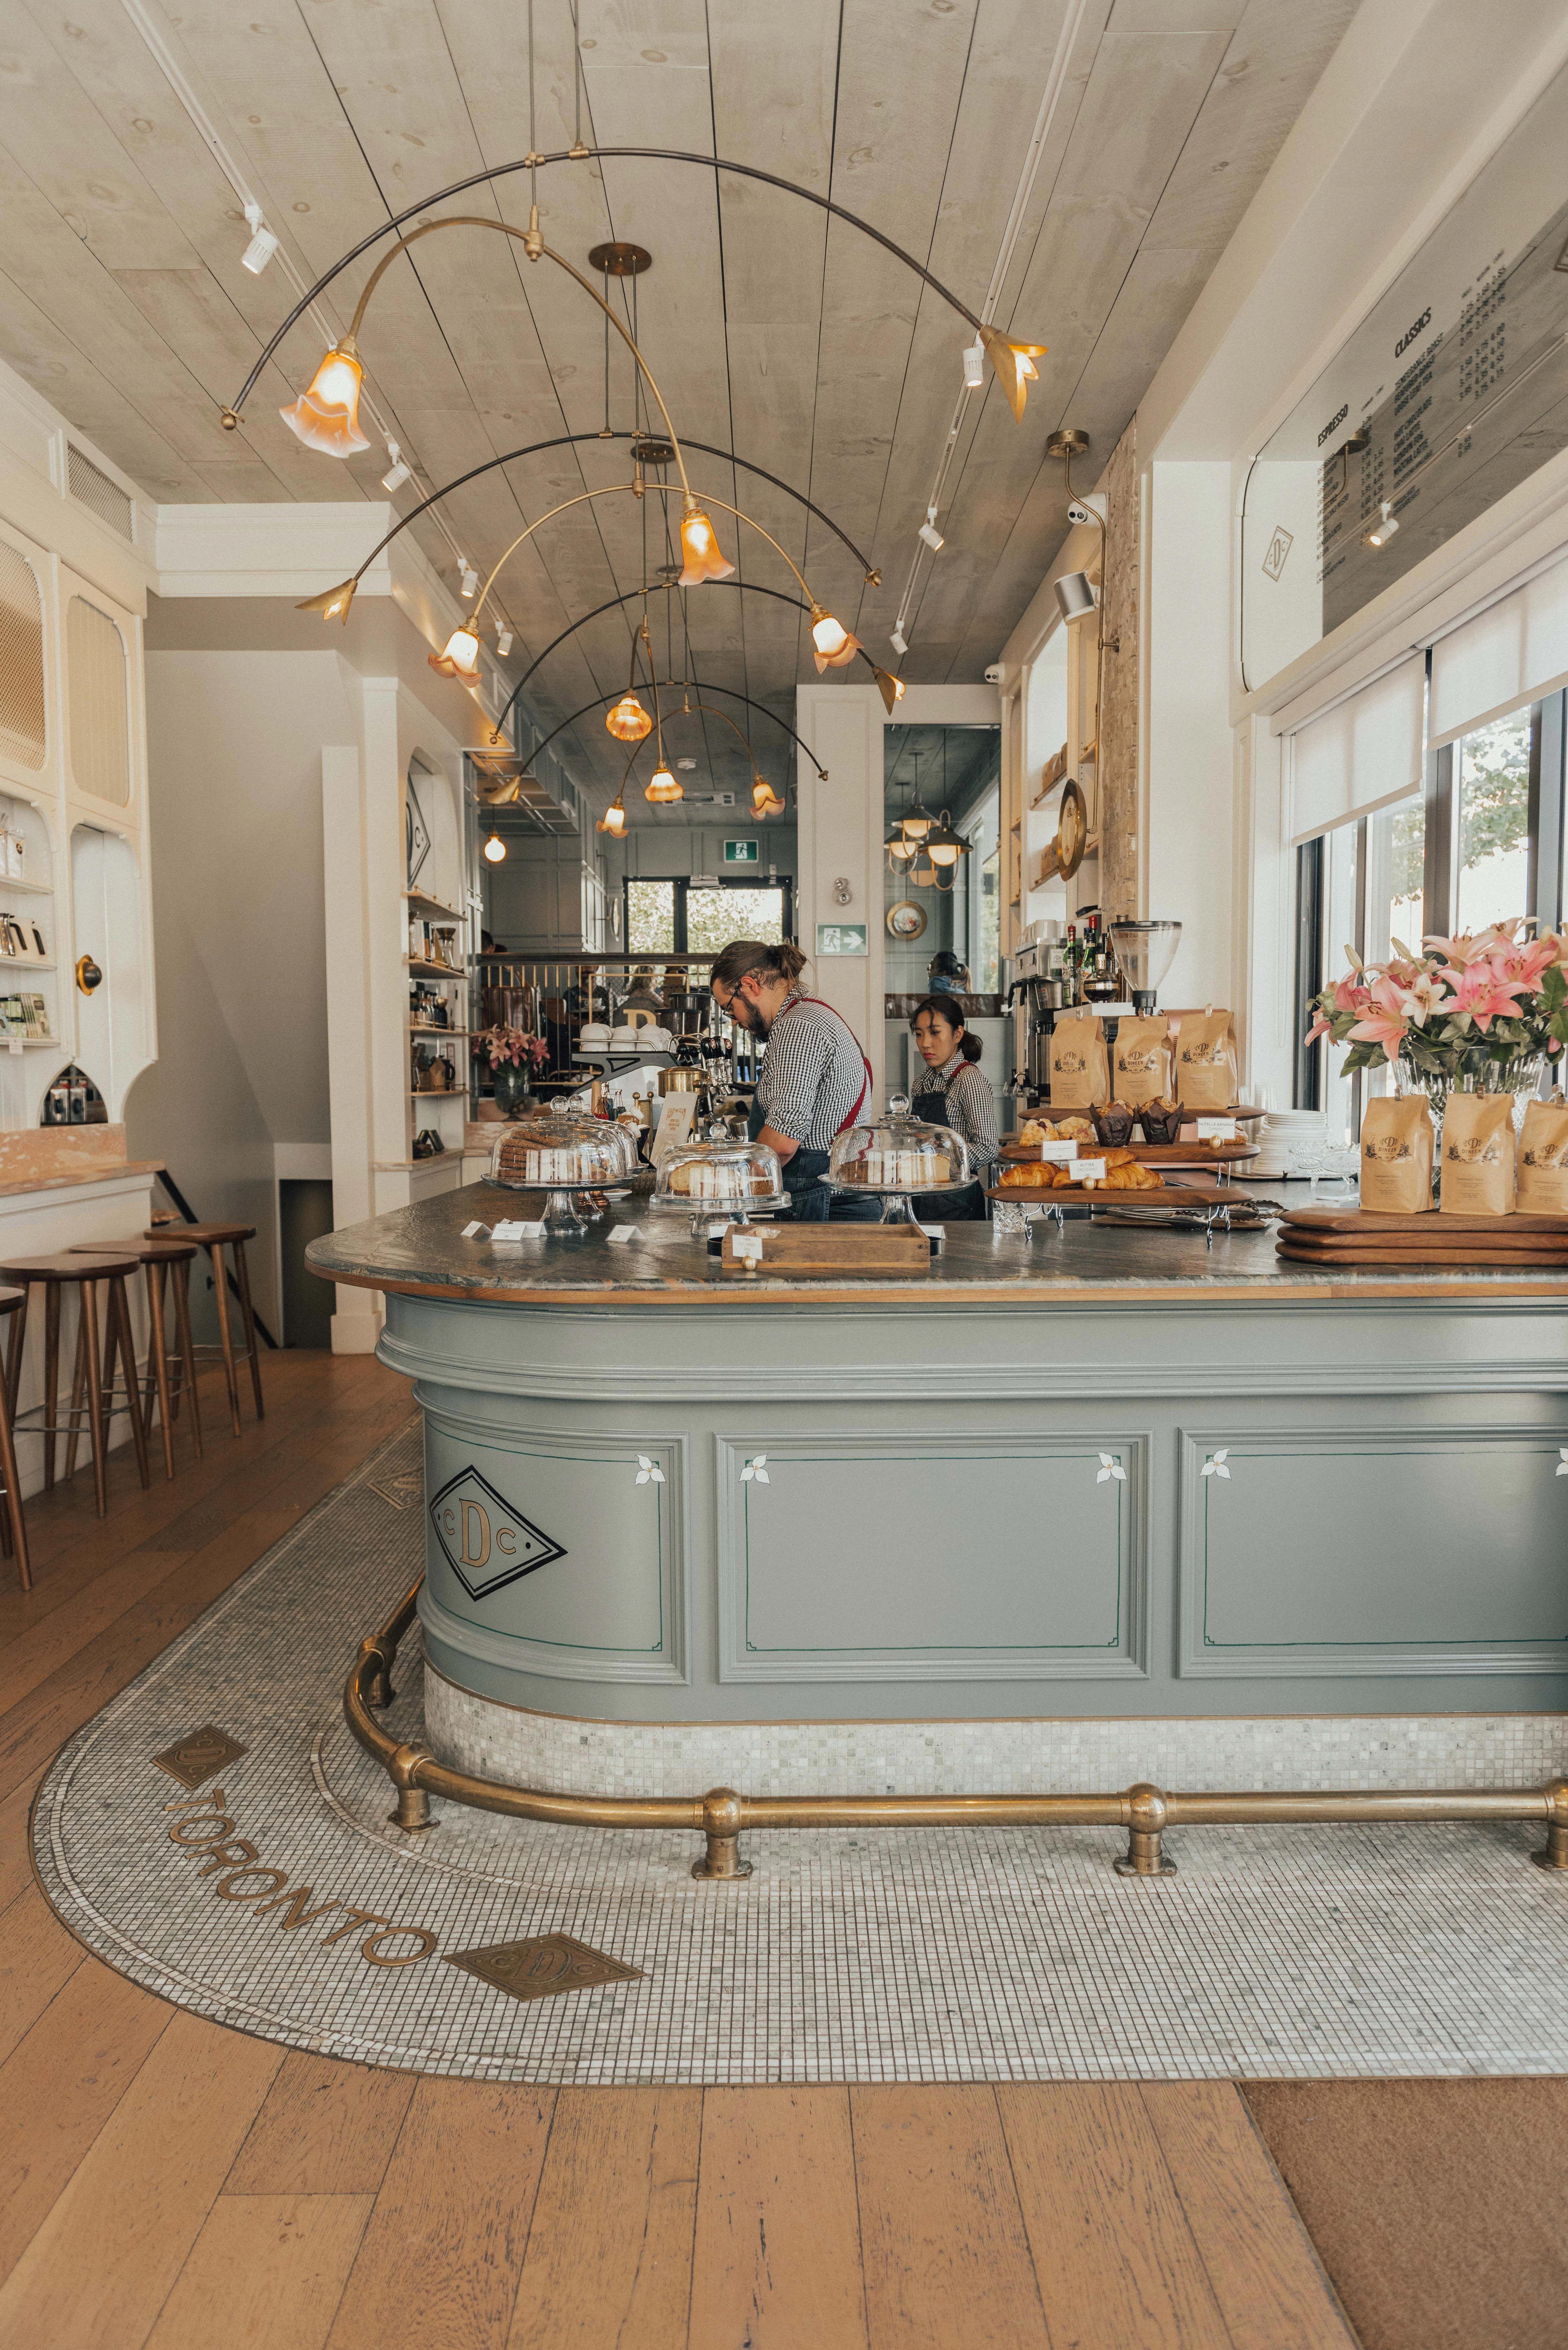 Toronto Cafe Cafe Interior Cafe Design Cafe Ideas Coffee Shop Coffee Bar Cafeinterior Restaurant Interior Design Cafe Interior Design Cafe Interior